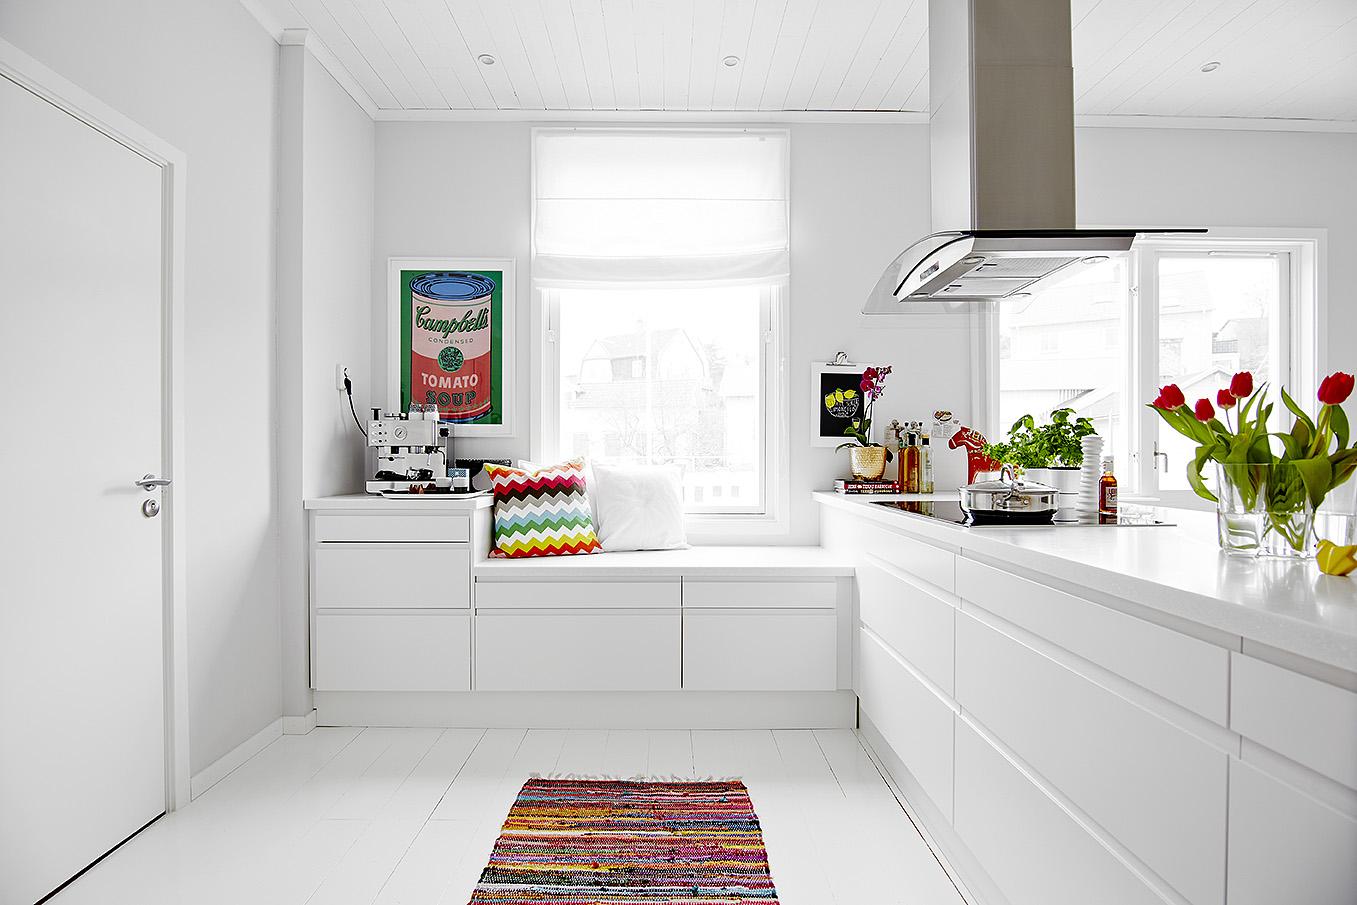 La cocina es lo importante blog tienda decoraci n estilo for Cocina estilo nordico